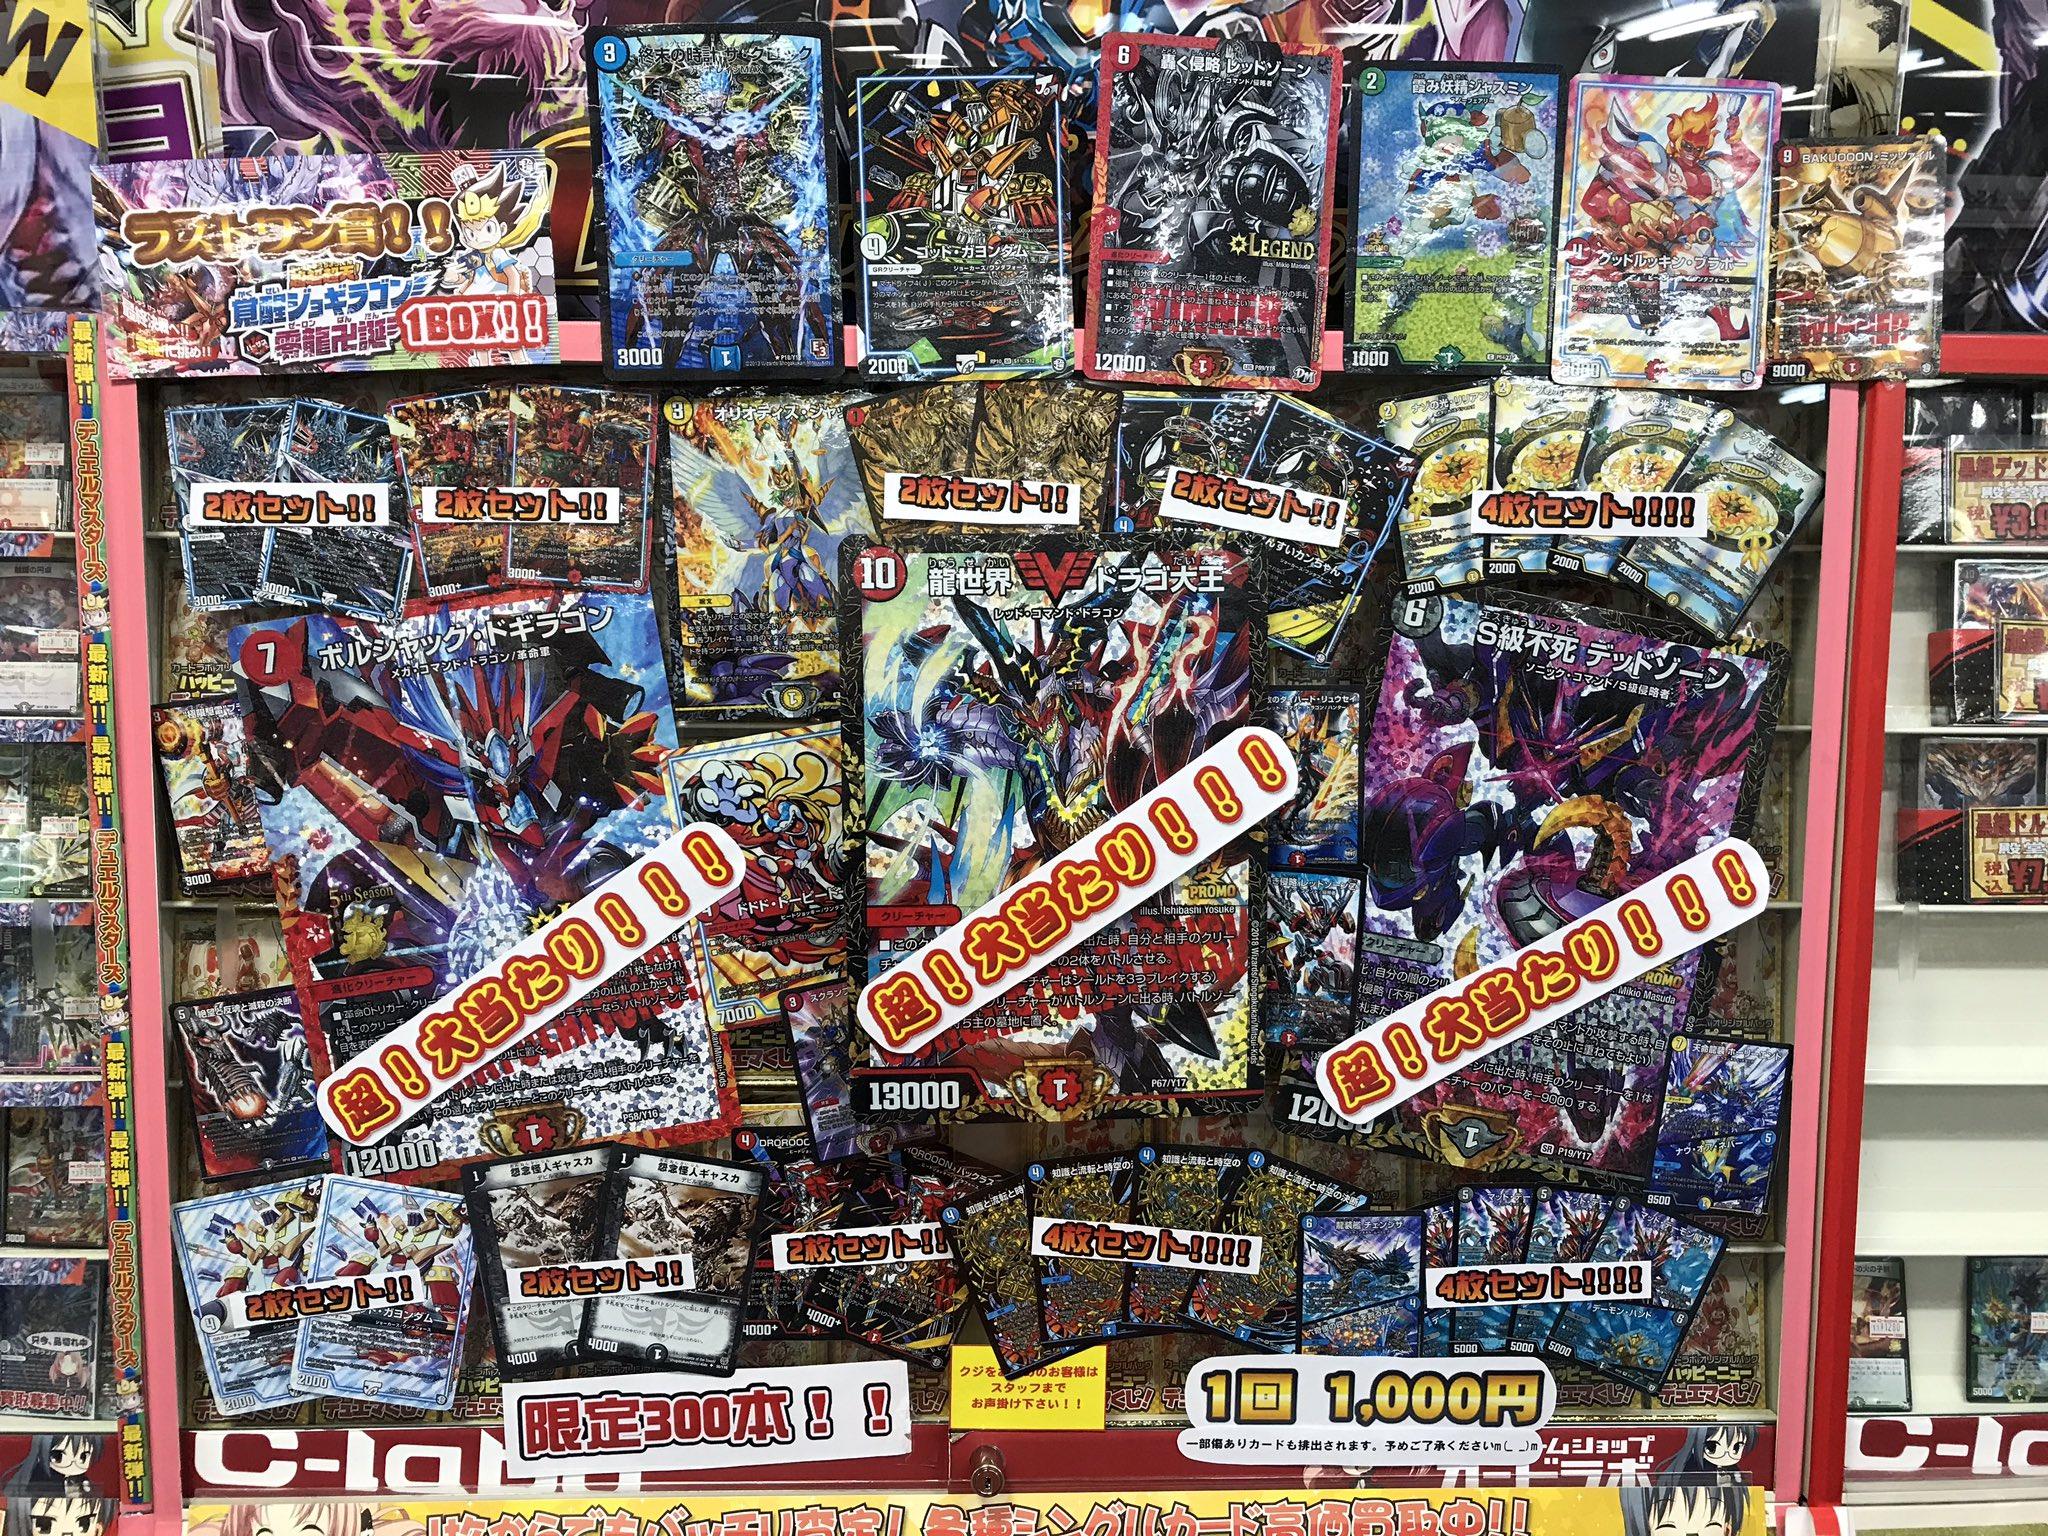 デュエルマスターズ1000円クジ 大阪日本橋店の店舗ブログ